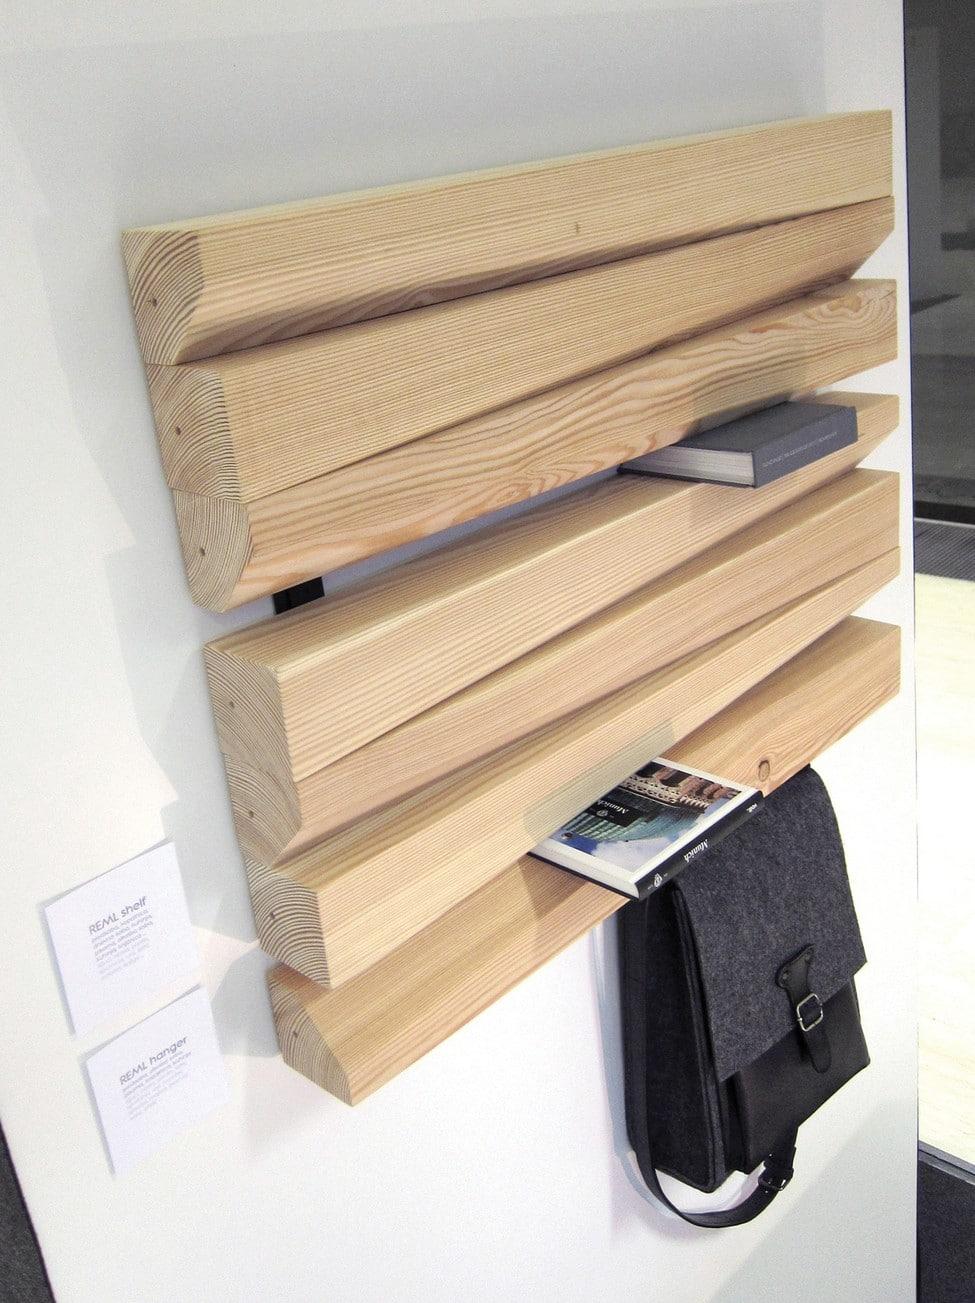 Dise o de estante de madera estanter a moderna y versatil for Bares en madera disenos